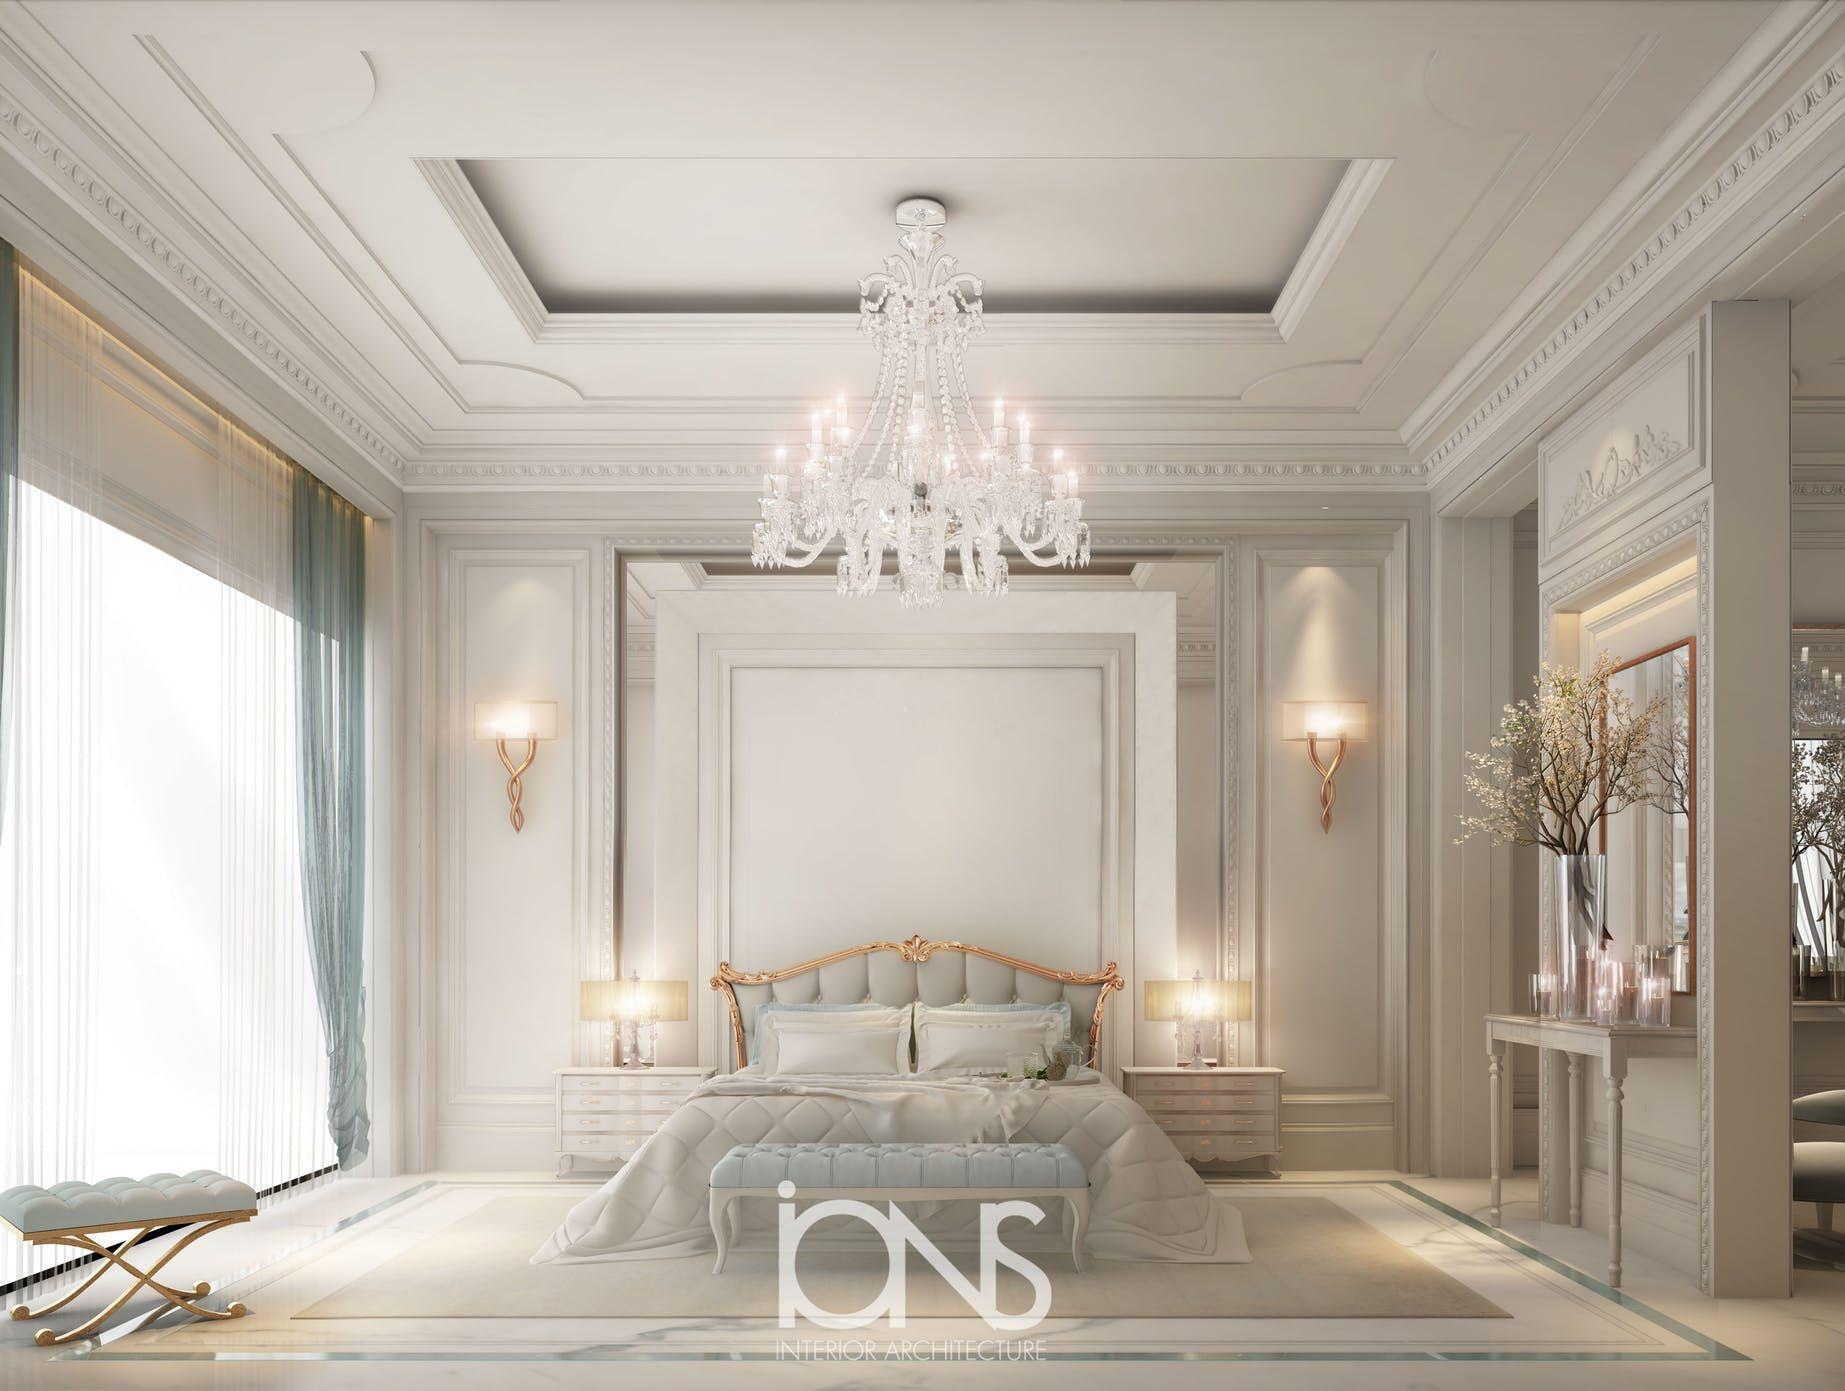 Elegant Neo Classic Master Bedroom Design | Luxurious ...